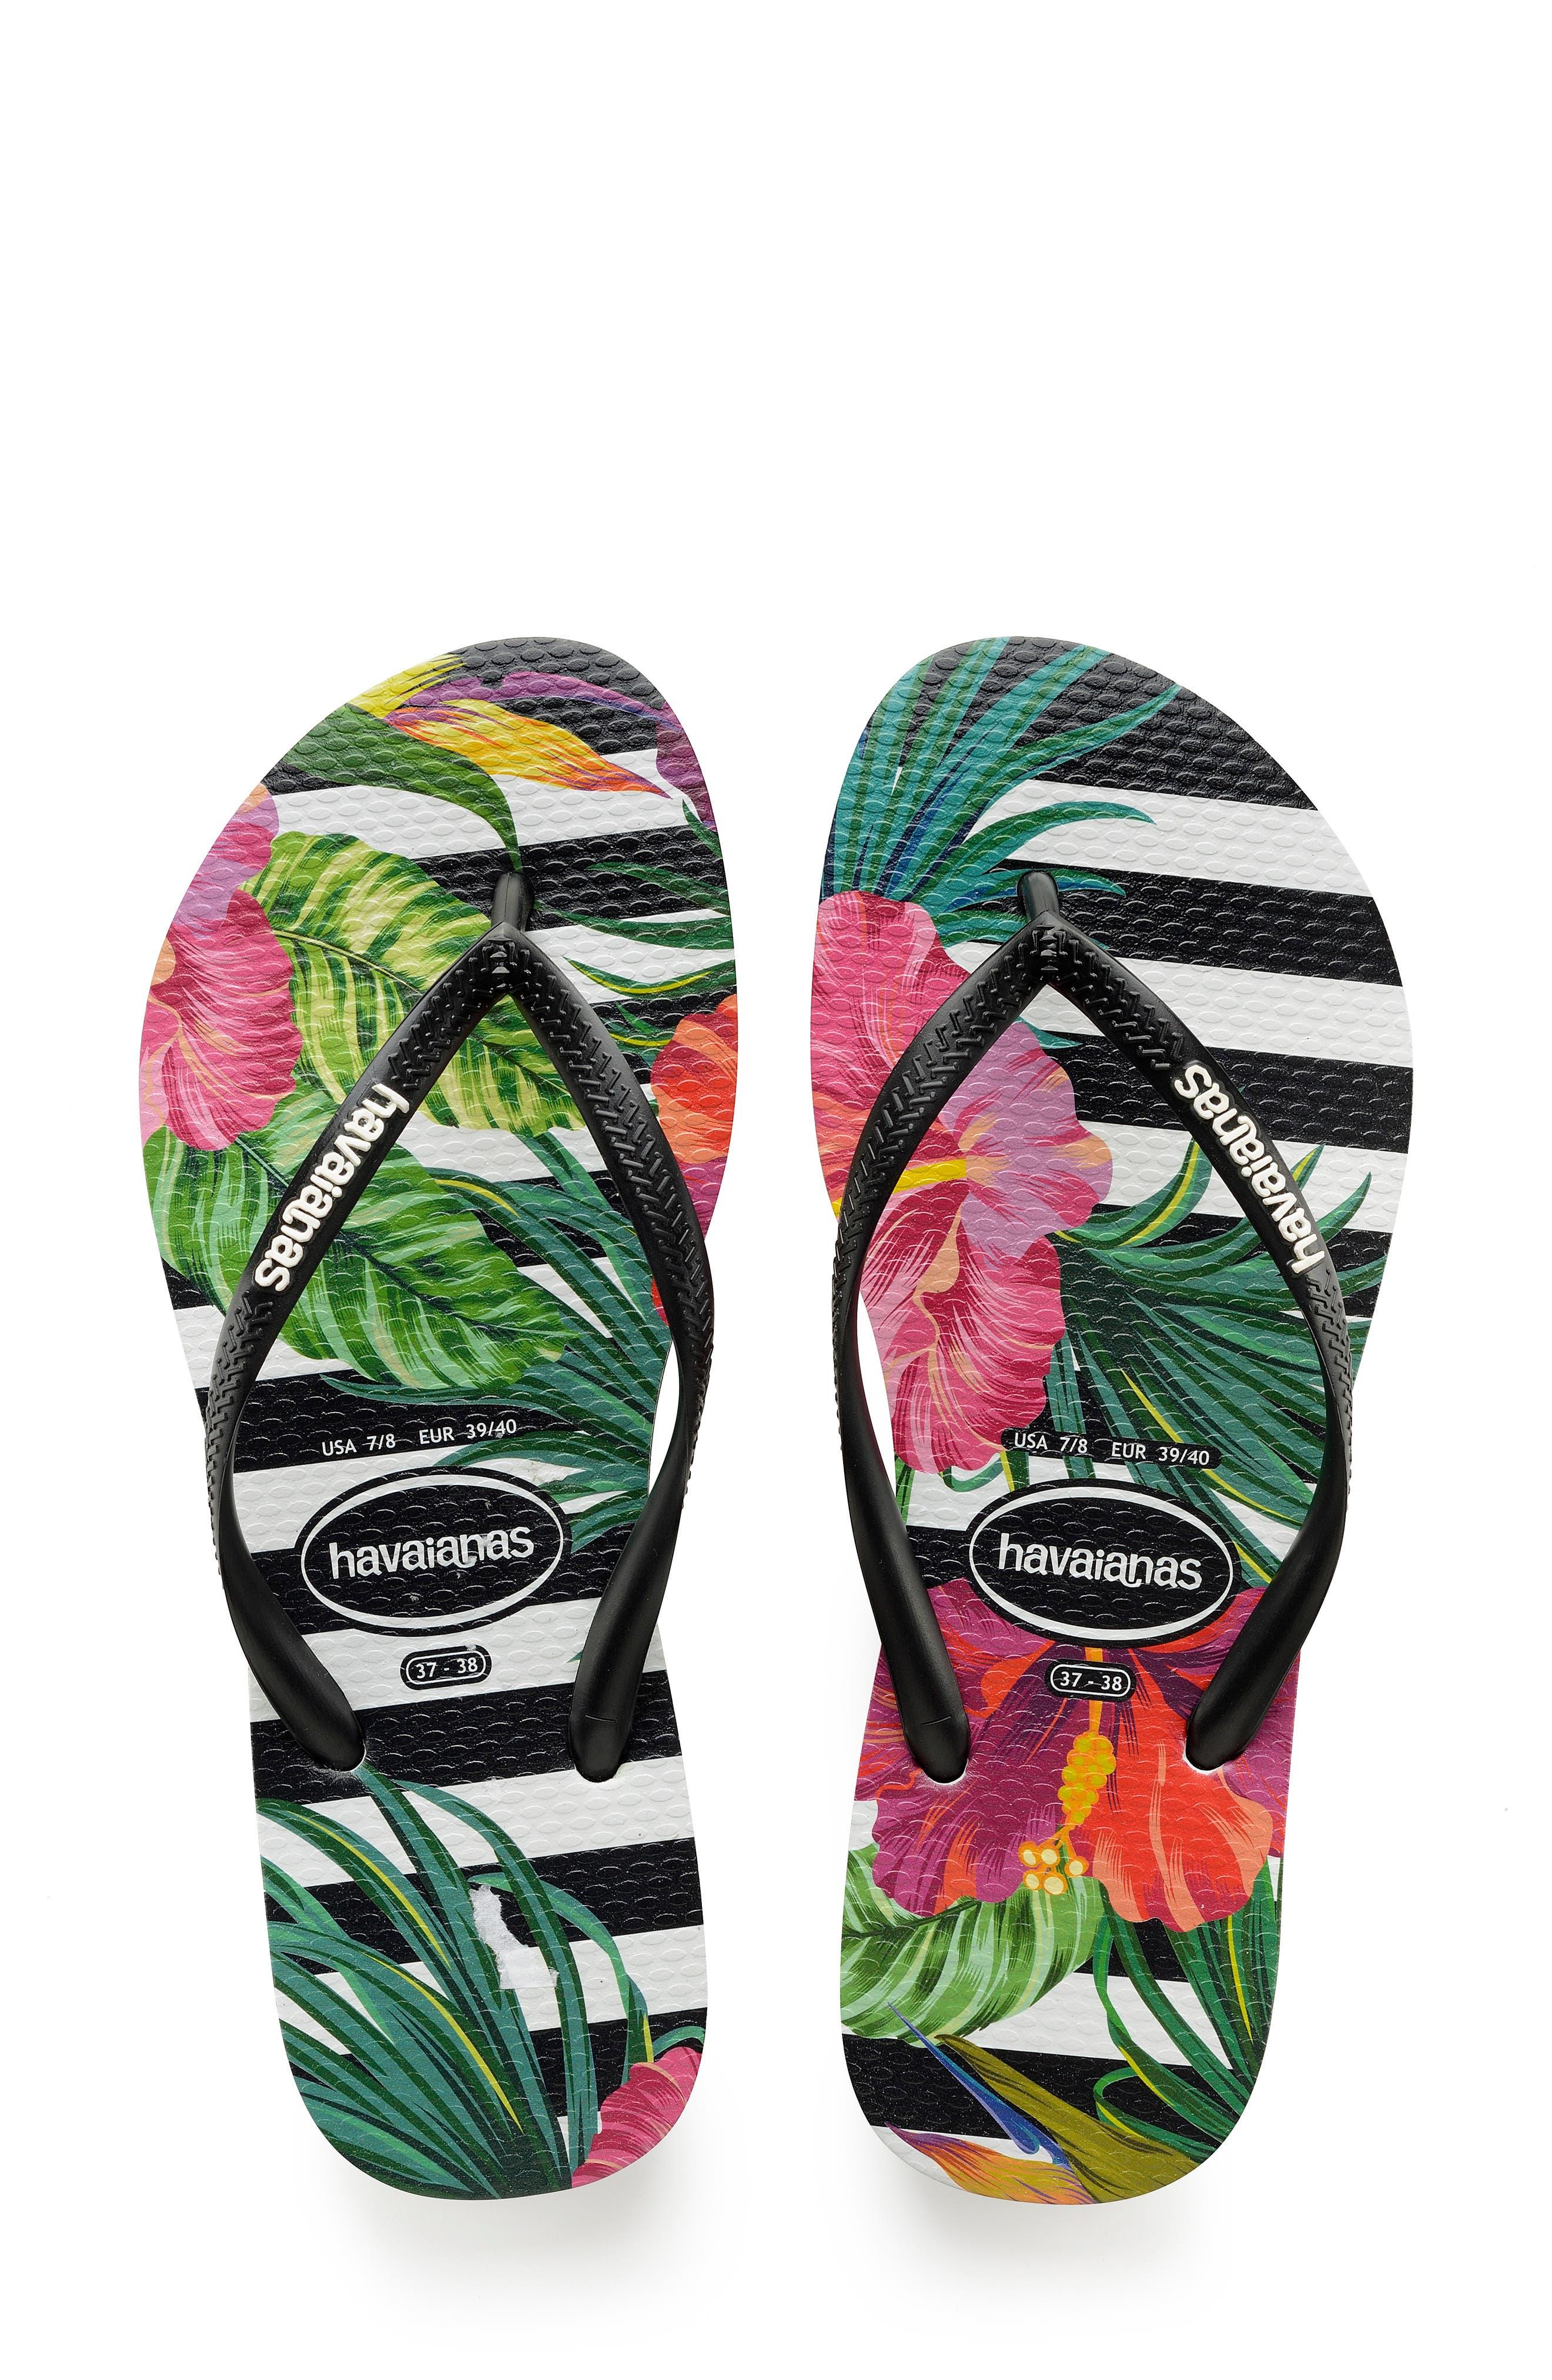 HAVAIANAS, Slim Tropical Floral Flip Flop, Main thumbnail 1, color, BLACK/ WHITE